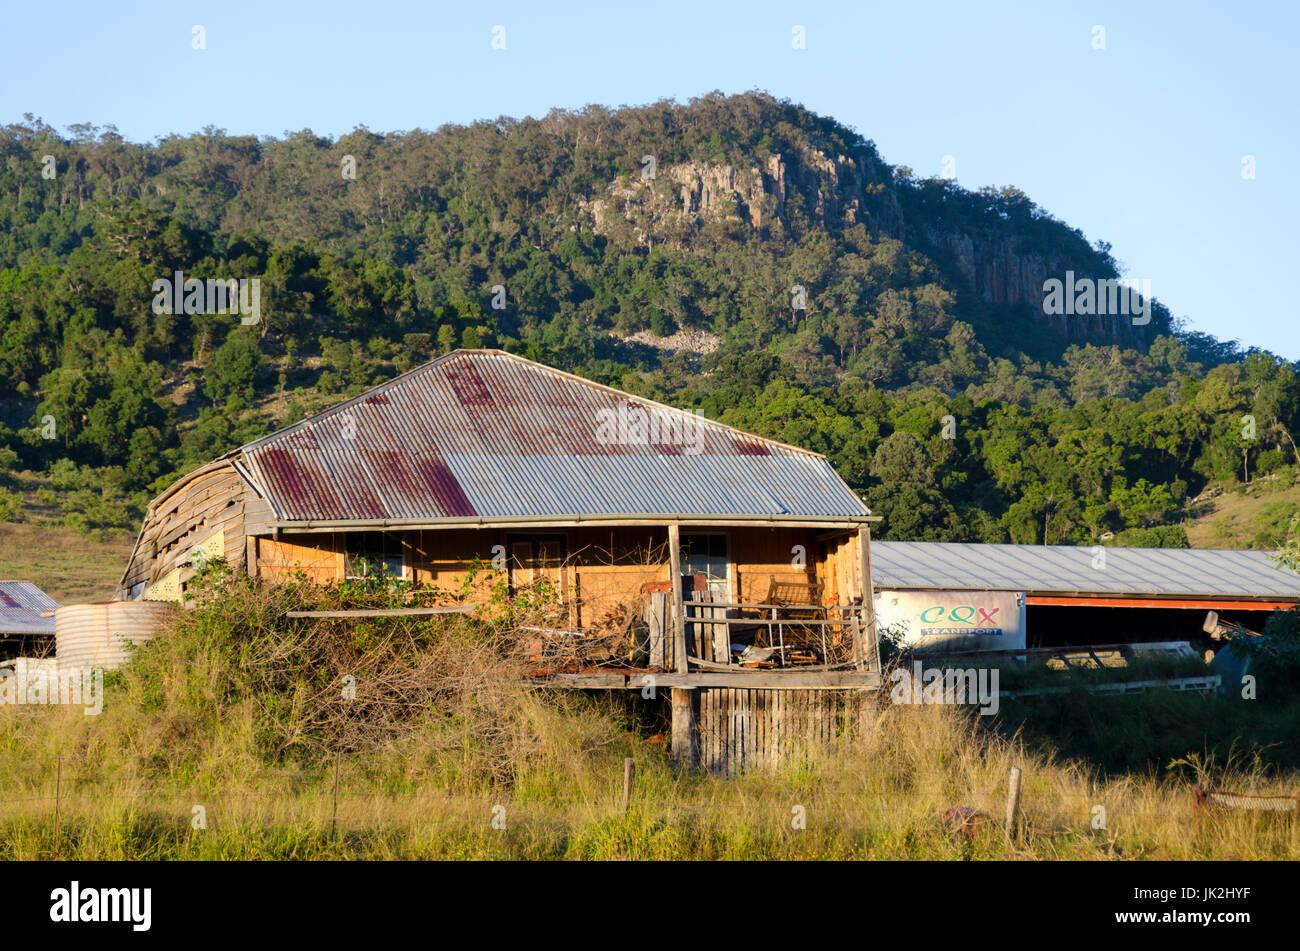 Derelict house, Boonah, Queensland, Australia - Stock Image